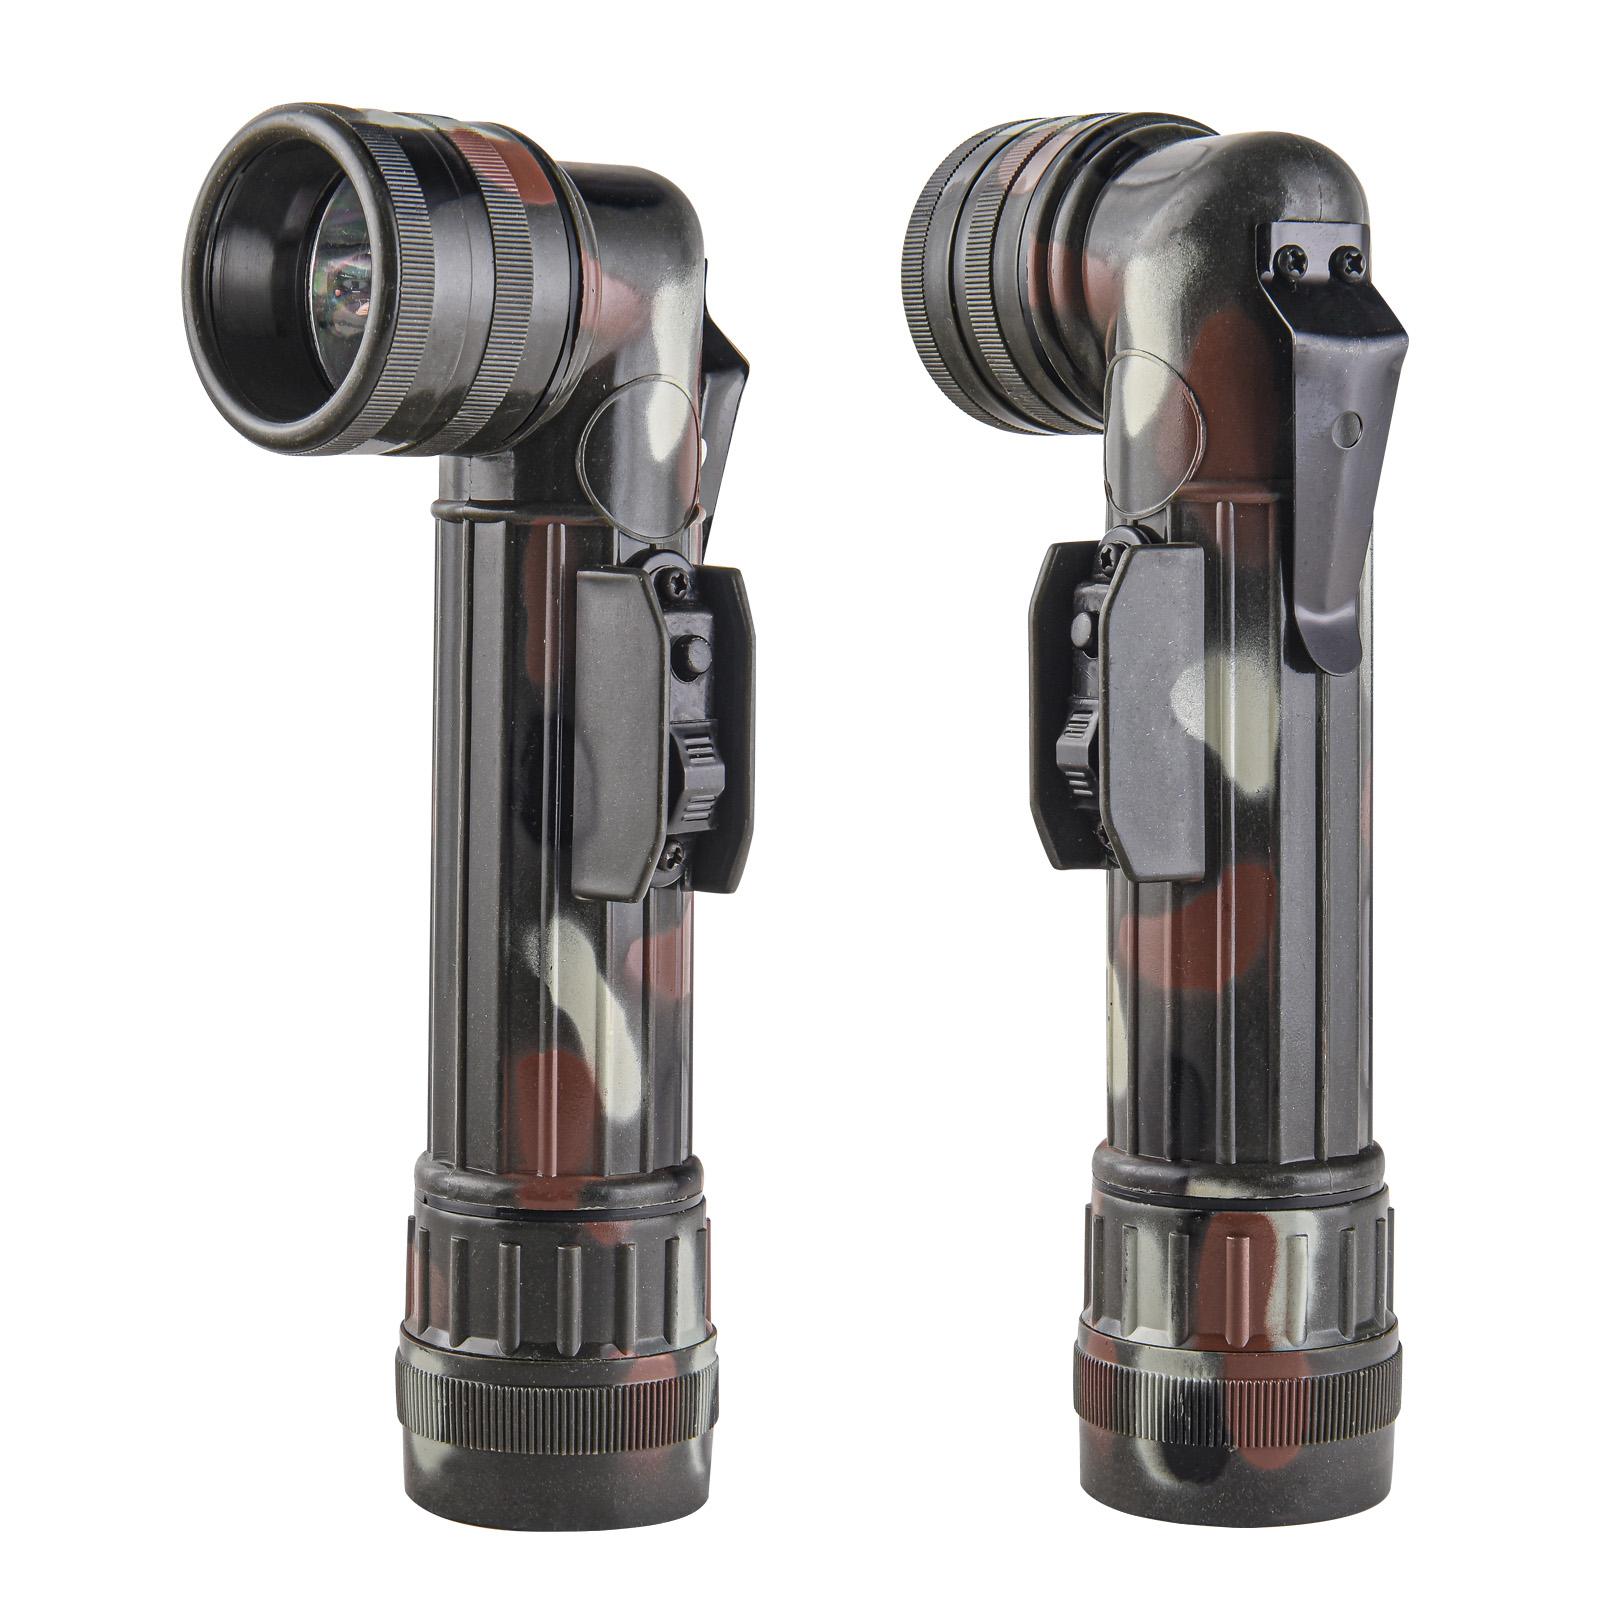 Военный Г-образный фонарь со сменными фильтрами 5ive Star Gear Camo